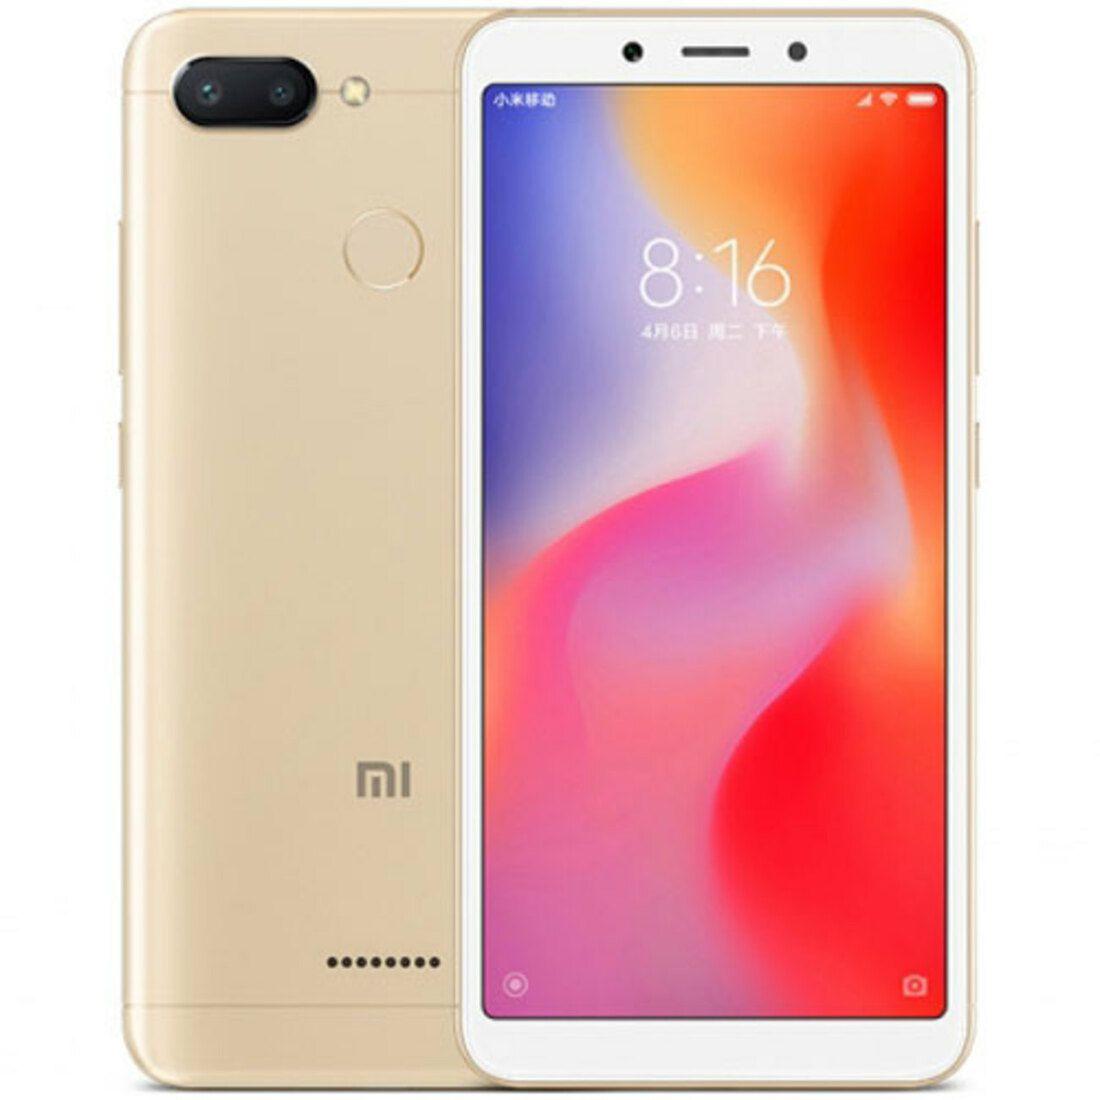 Smartphone Redmi 6 4GB Ram Tela 5.45 64GB Camera Dupla 12+5MP - Dourado